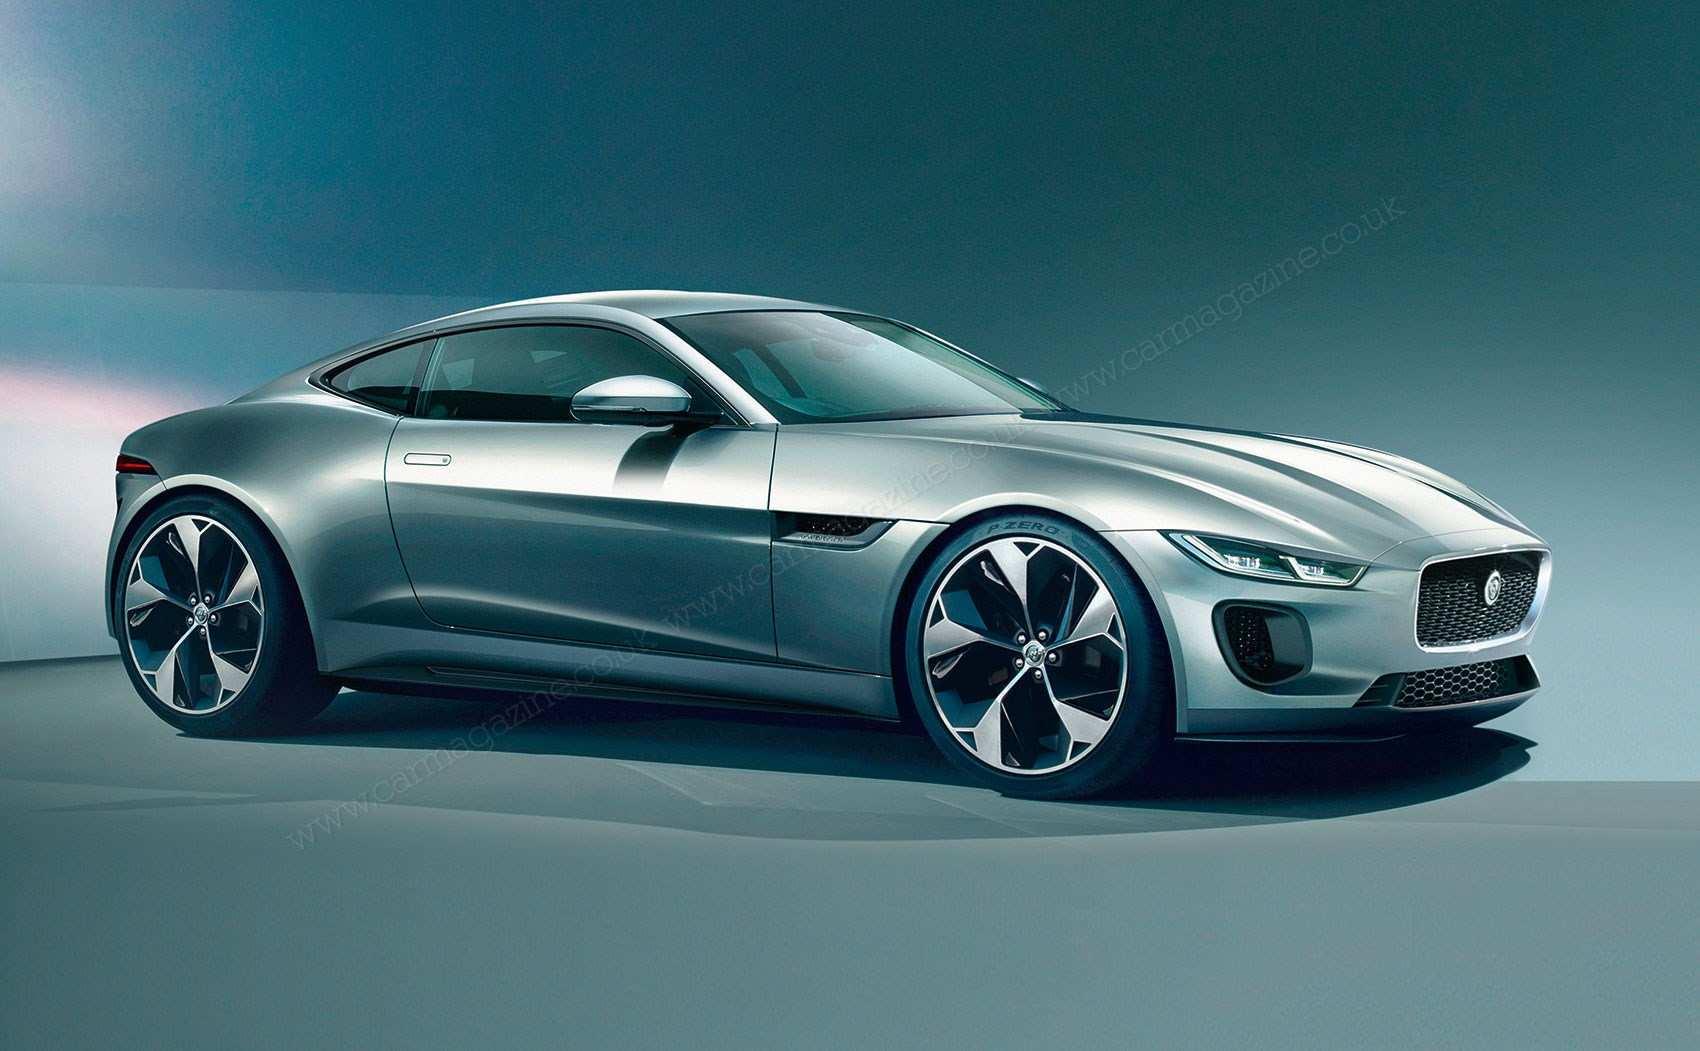 66 Gallery of Jaguar Sport 2020 Release Date by Jaguar Sport 2020